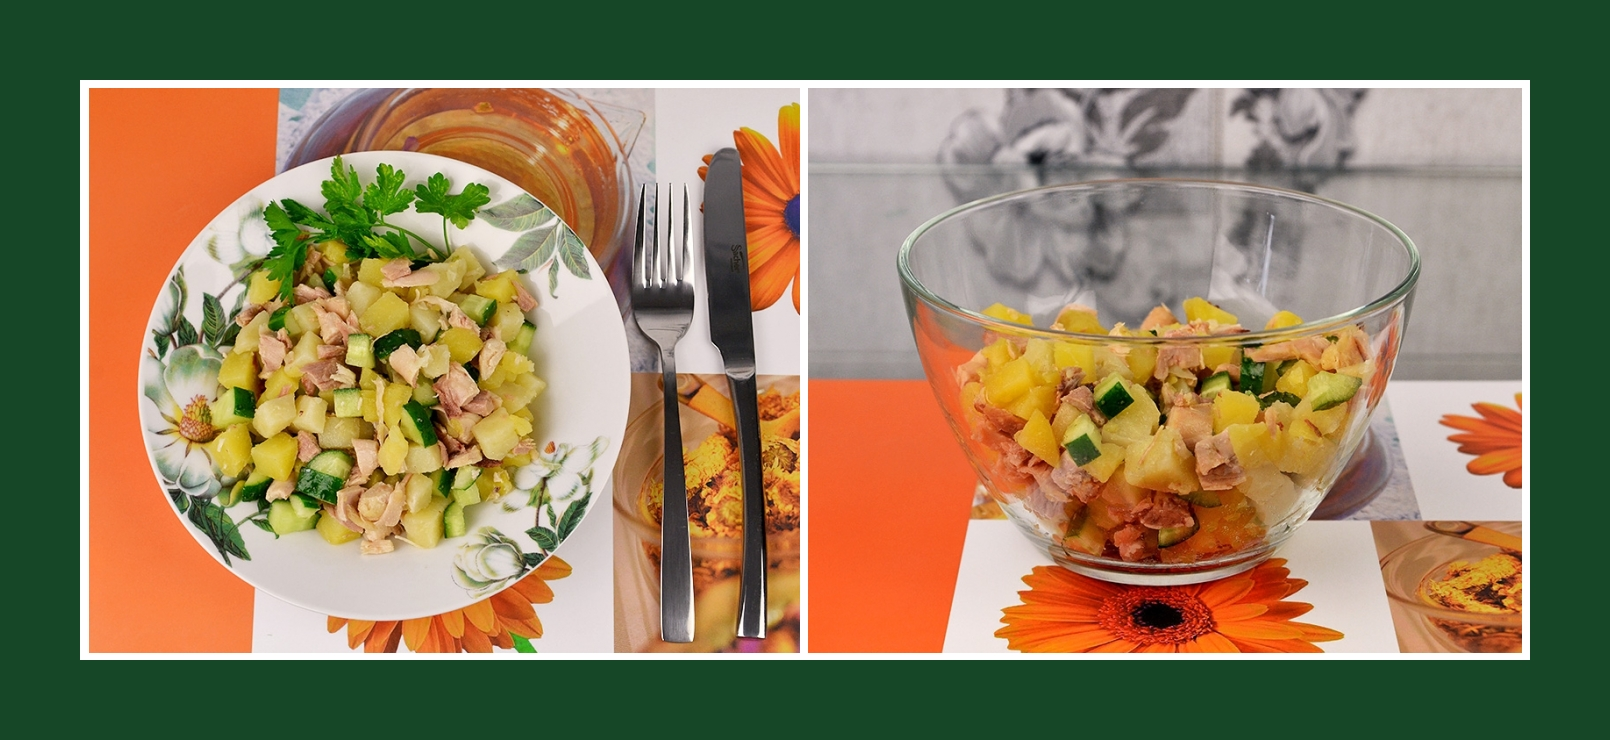 Sehr einfacher Kartoffelsalat mit Geflügel und frischem Gemüse